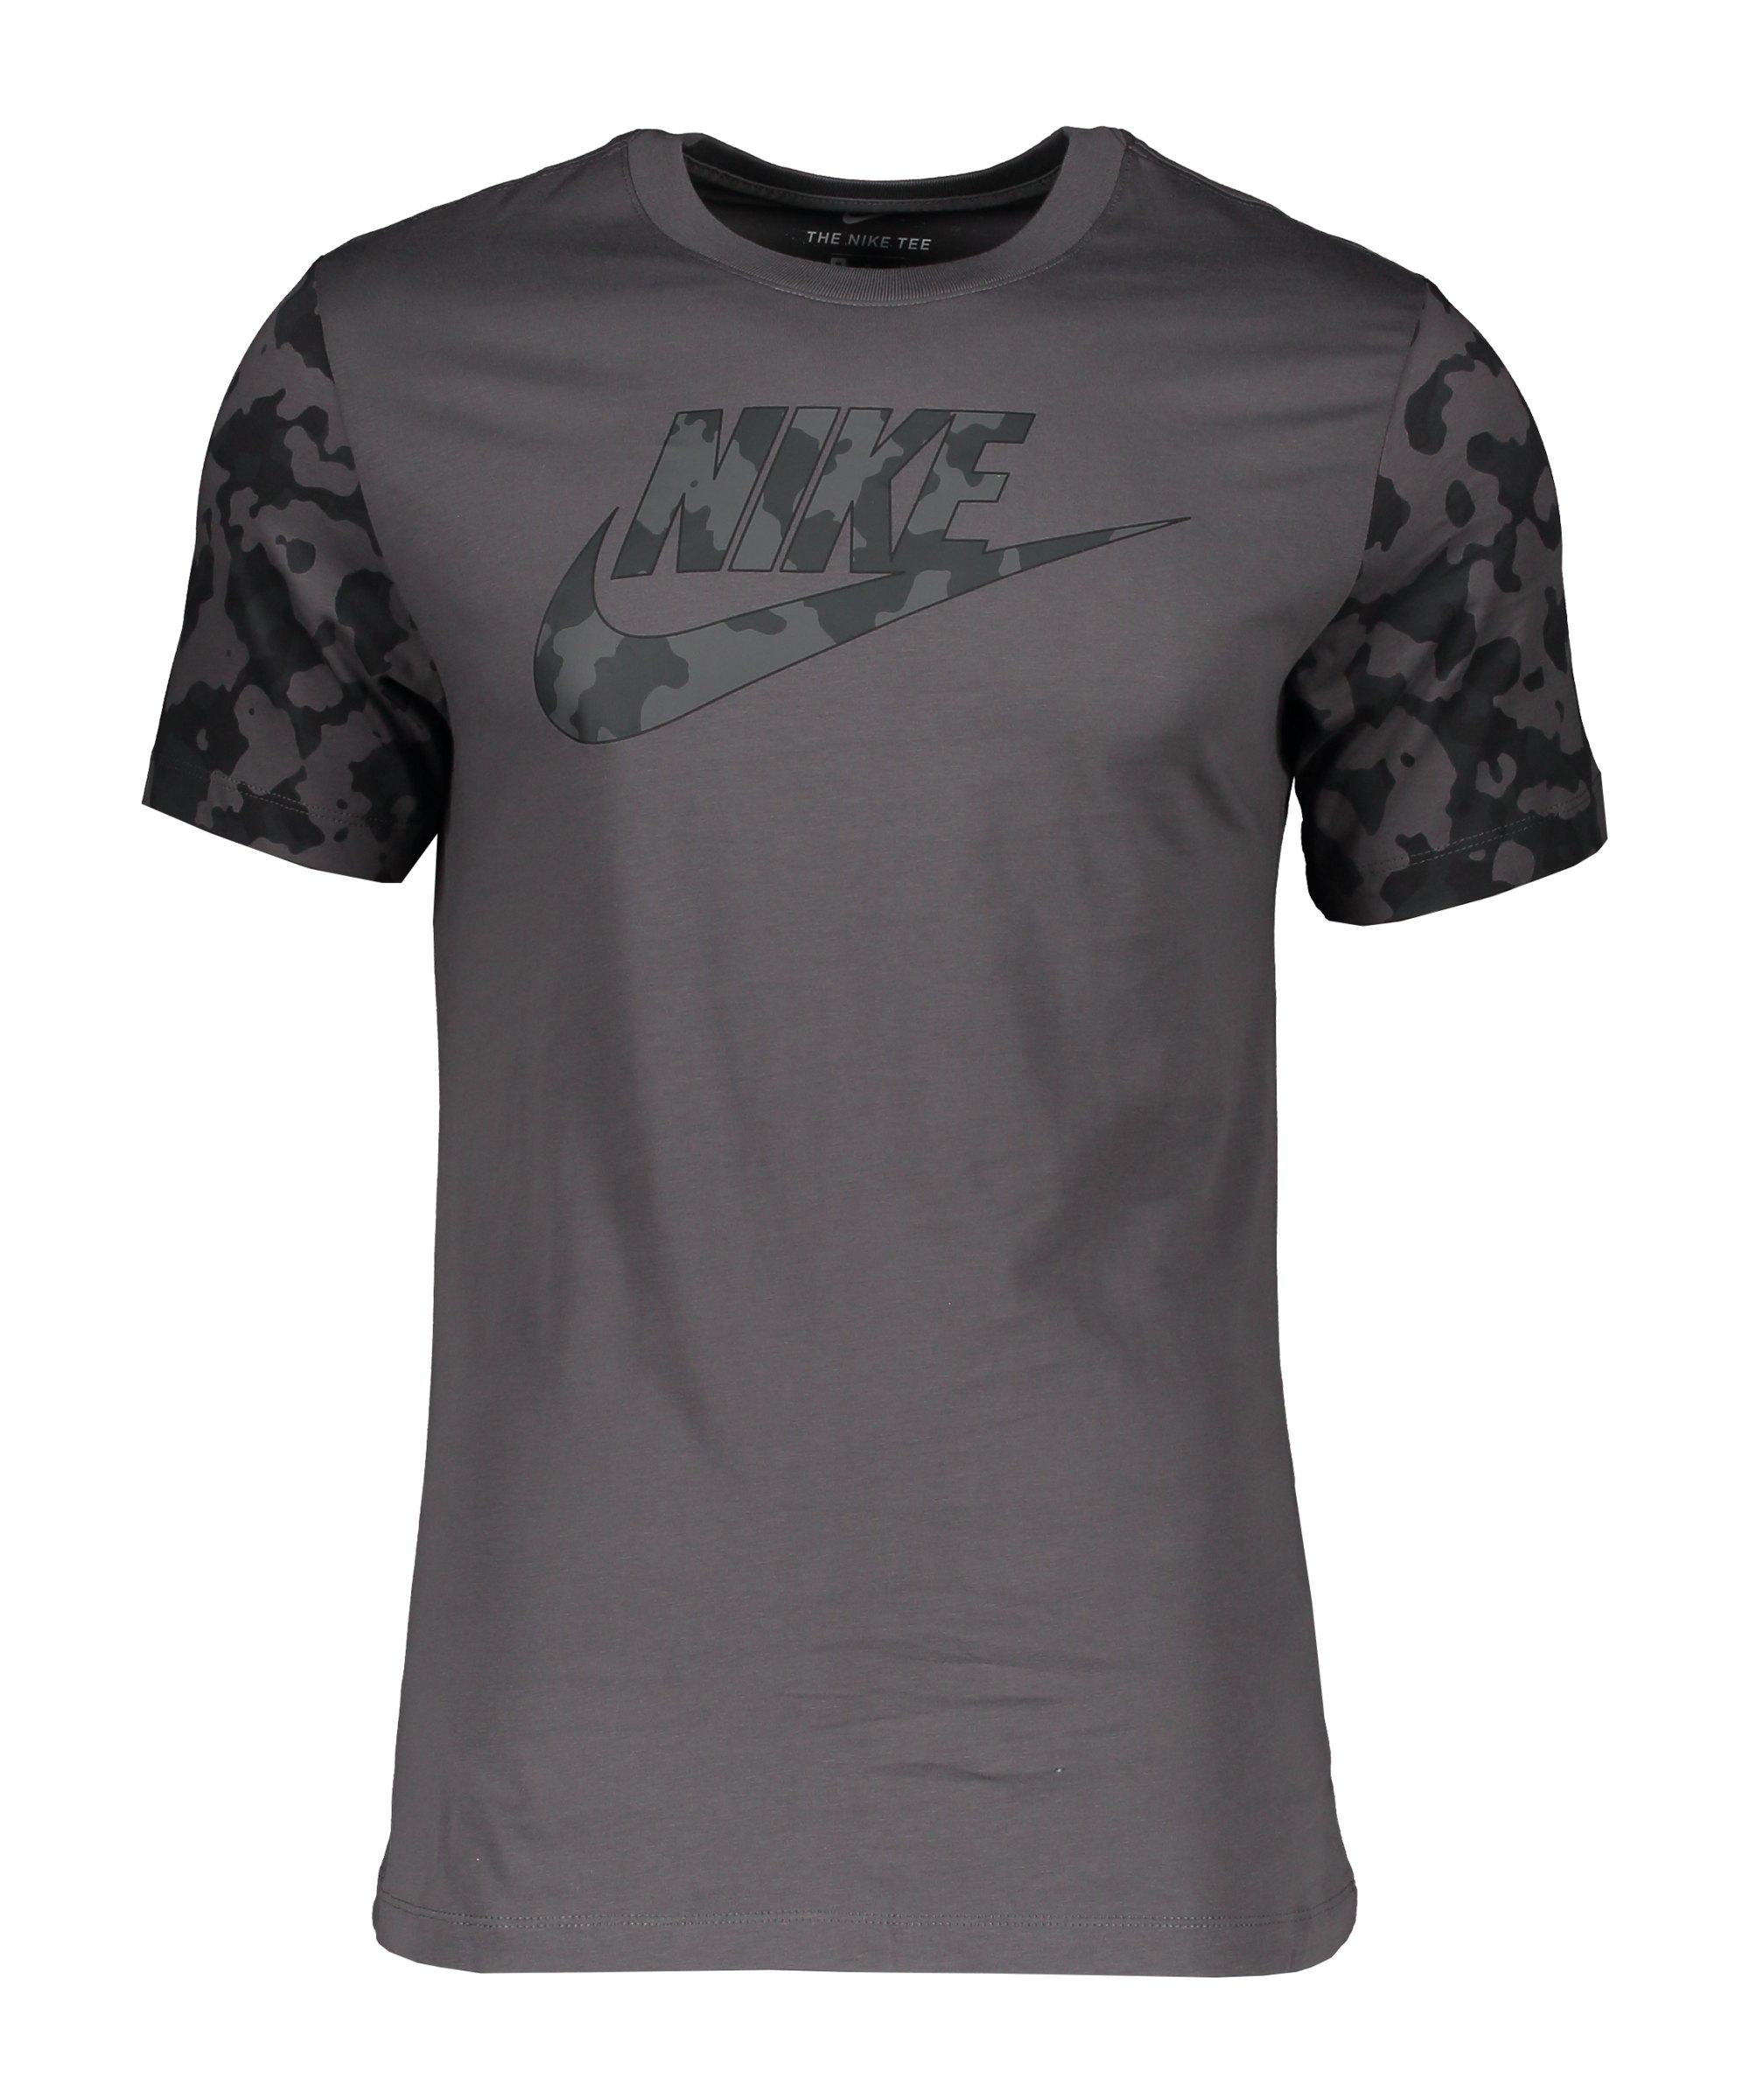 Nike Classic Graphic Camo T-Shirt Grau F068 - grau